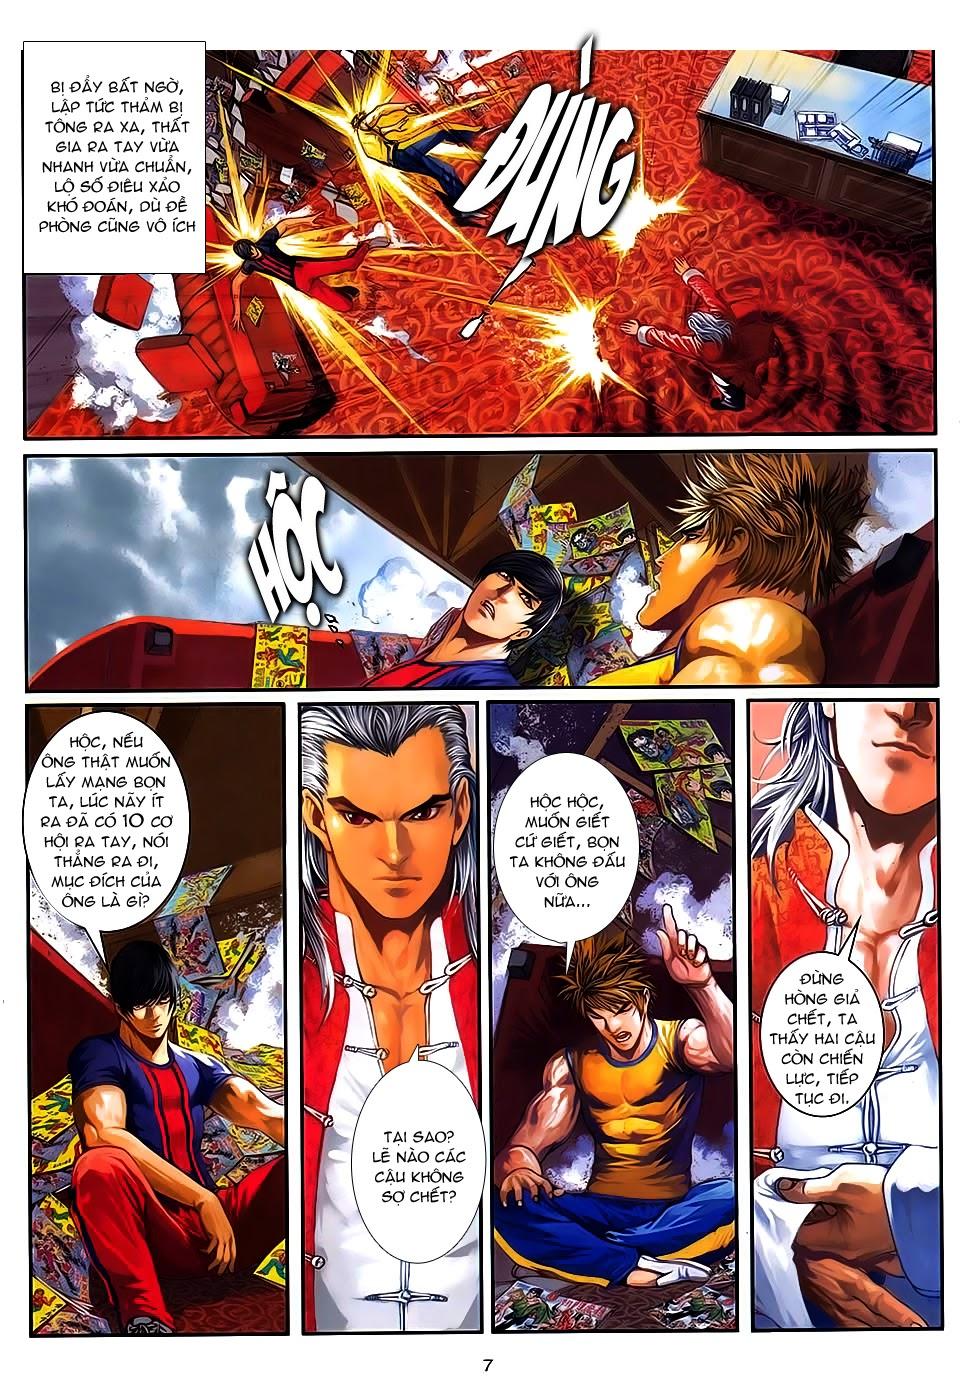 Quyền Đạo chapter 9 trang 7